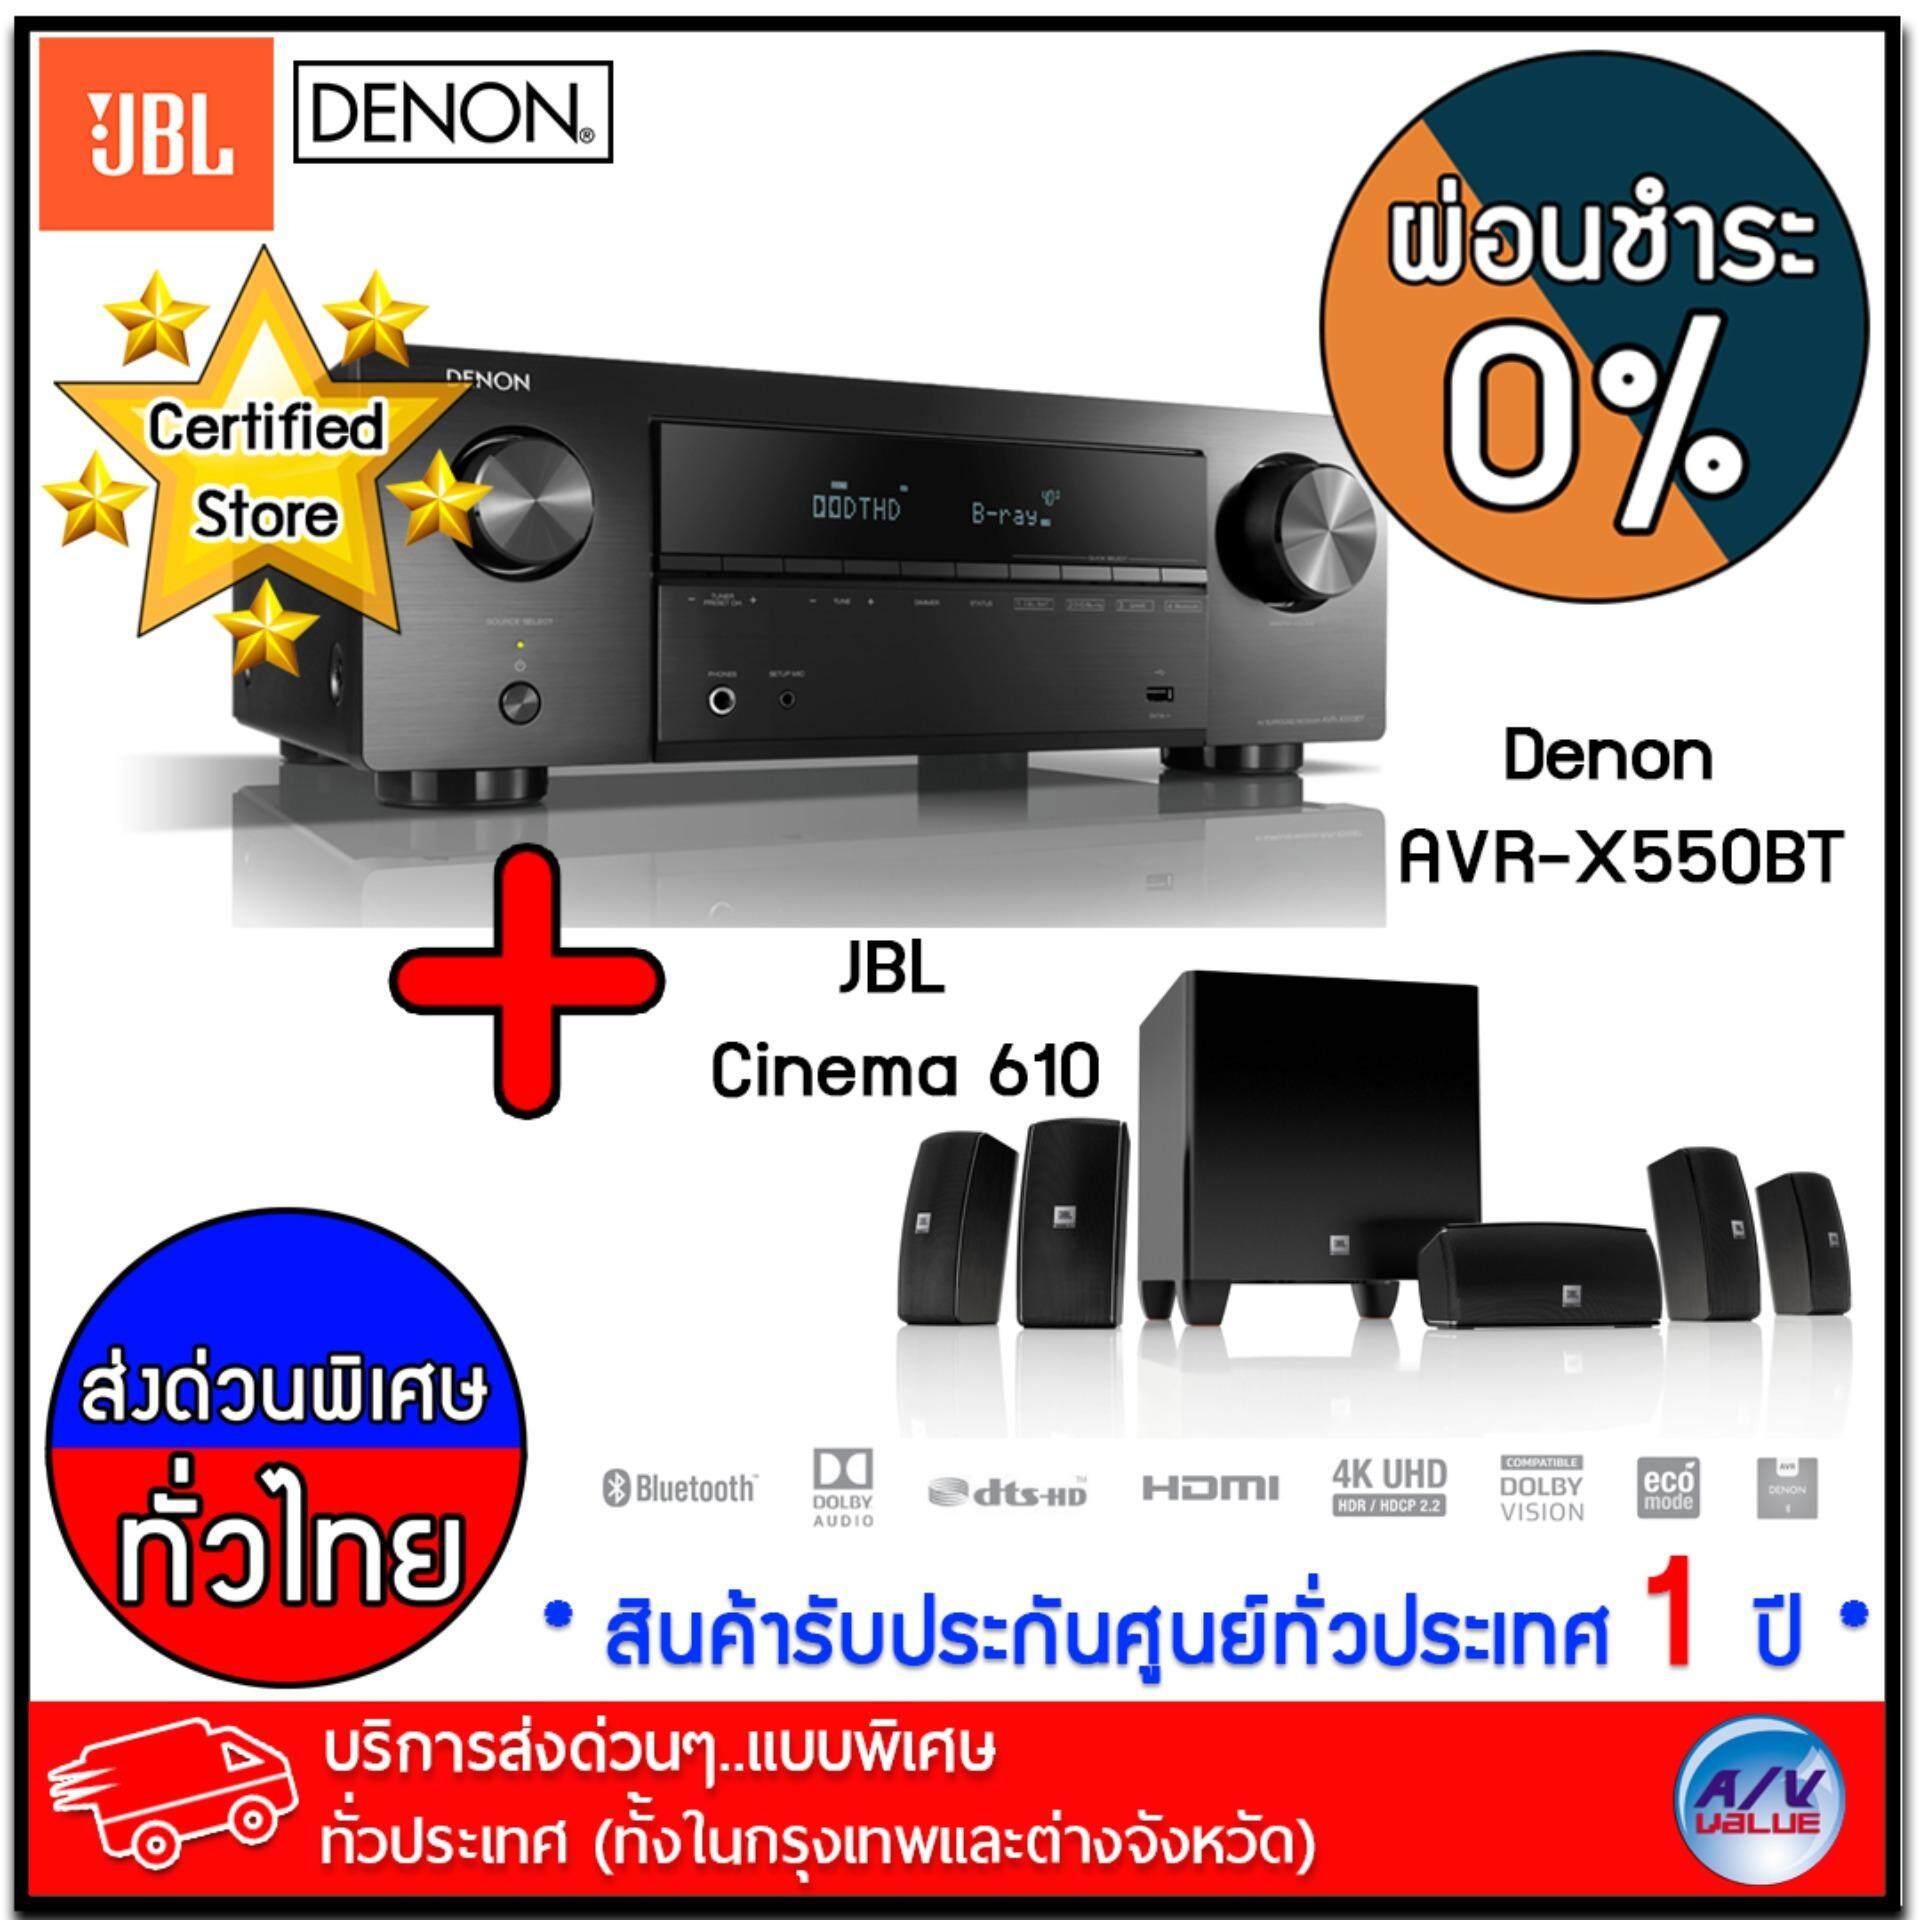 ยี่ห้อไหนดี   Denon AVR X550BT 5.2 Channel +  JBL CINEMA 610  Advanced 5.1 speaker system *** บริการส่งด่วนแบบพิเศษ!ทั่วประเทศ (ทั้งในกรุงเทพและต่างจังหวัด)*** ** ผ่อนชำระ 0% **